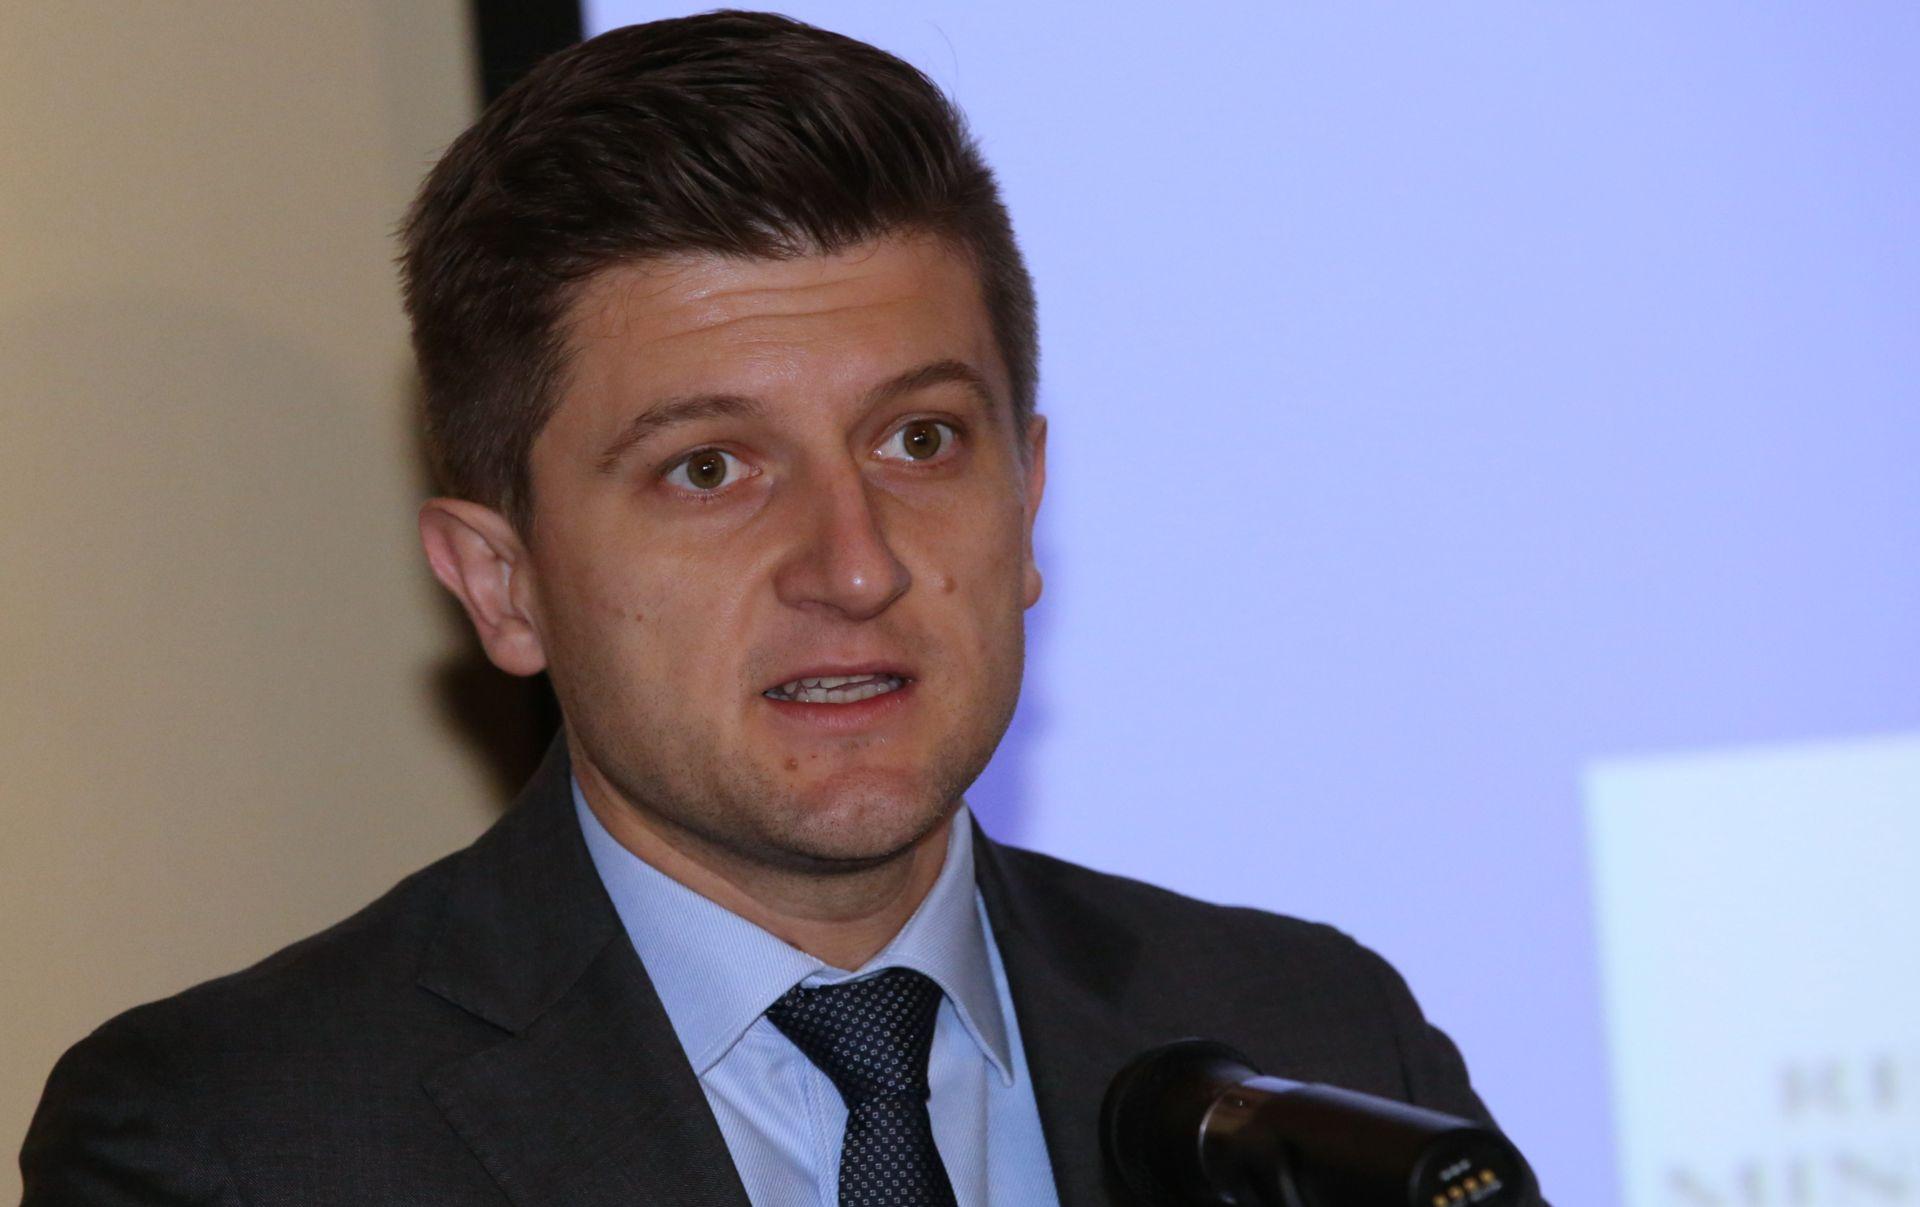 Z. MARIĆ Moody'sovo izvješće ohrabrenje da se nastavi s reformama